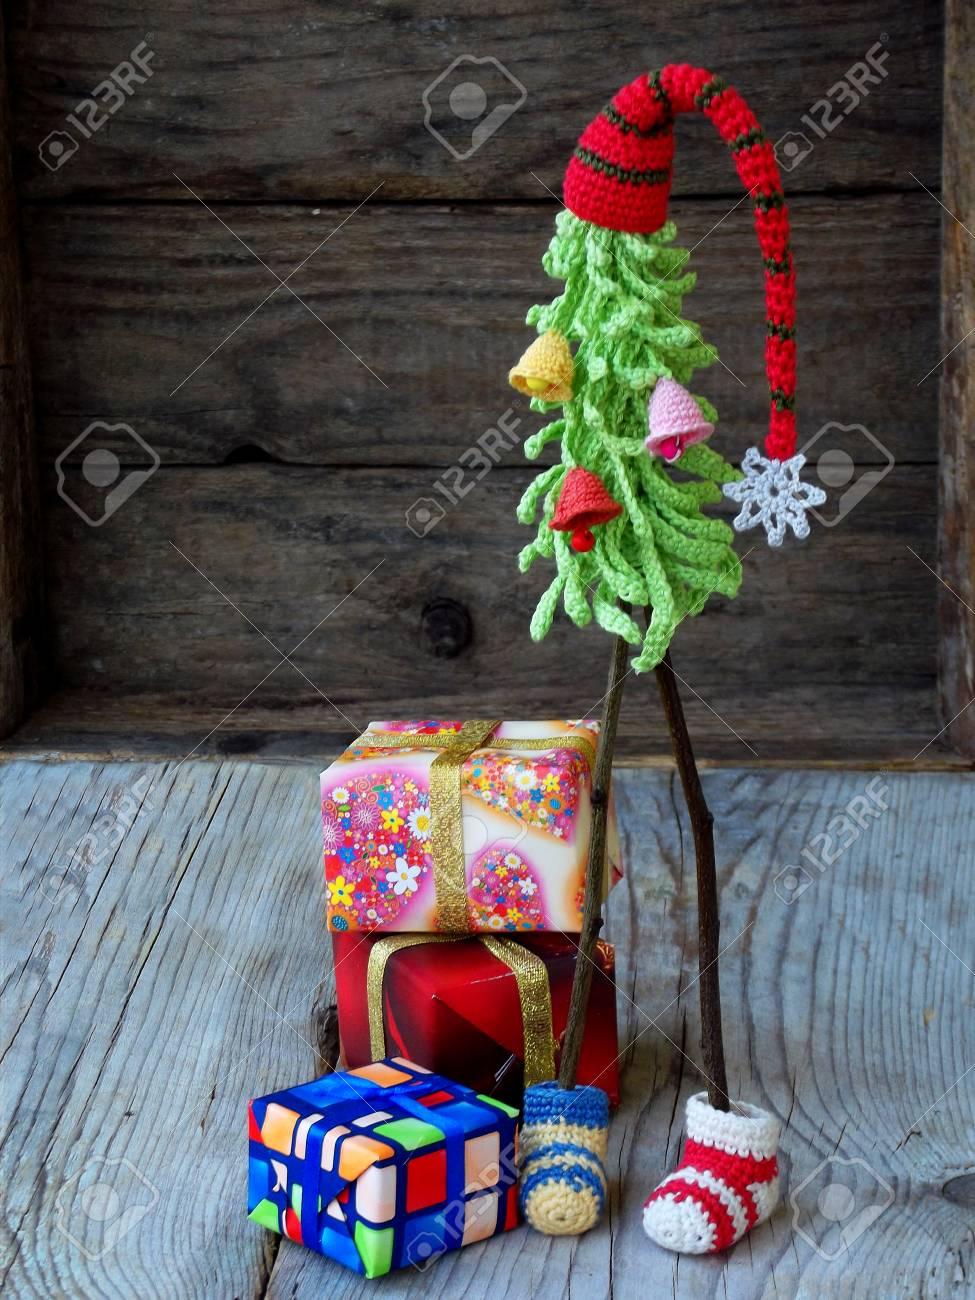 Kreative Häkeln Weihnachtsbäume Mit Geschenken Auf Hölzernem